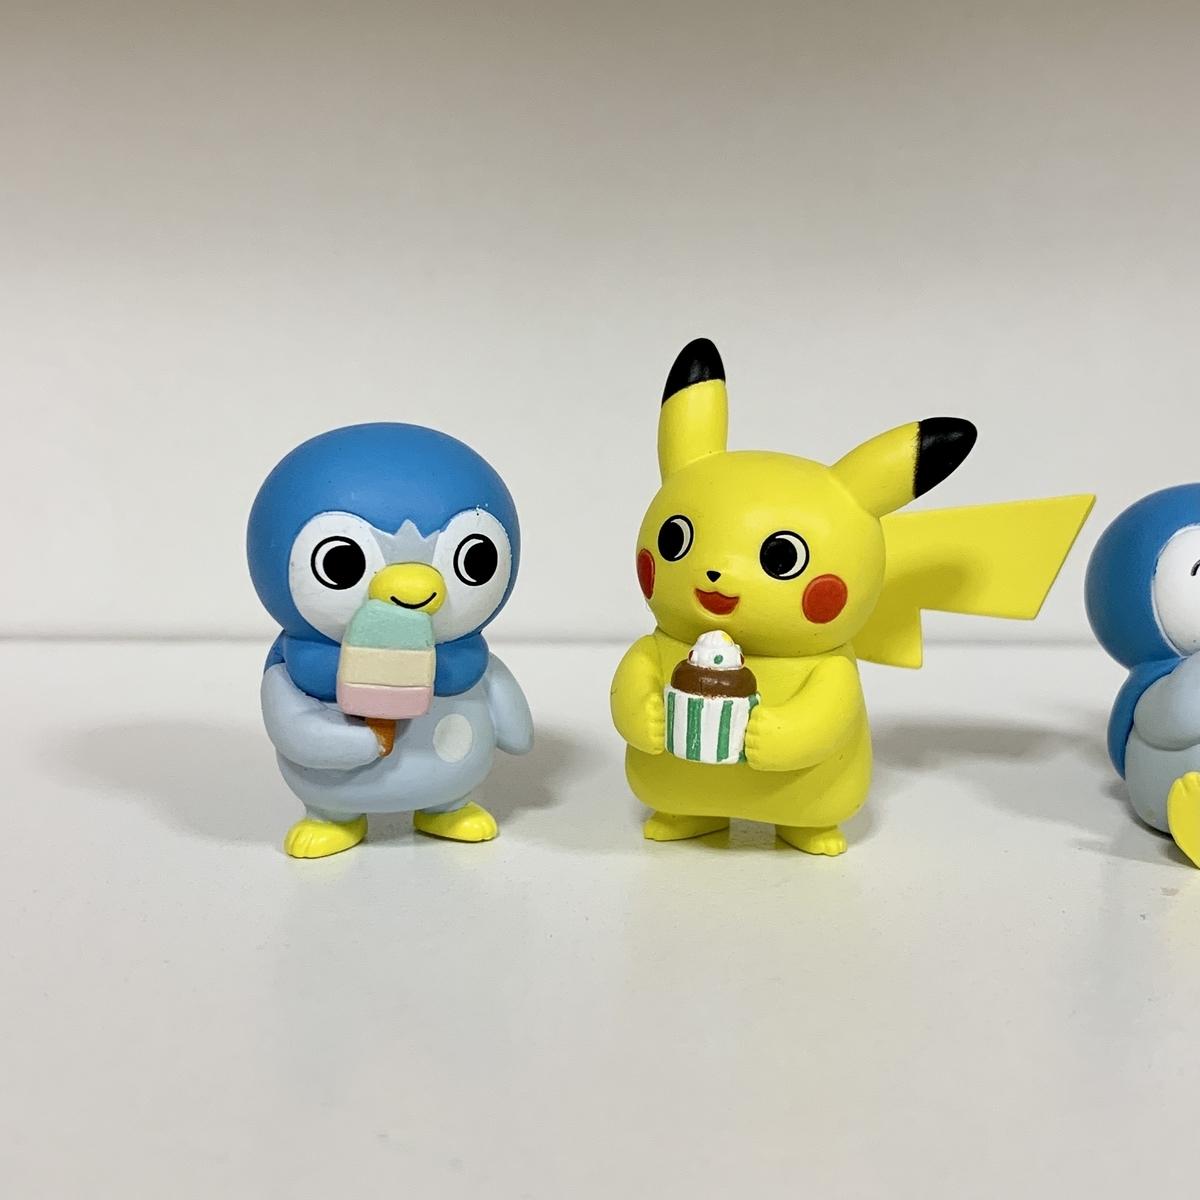 f:id:pikachu_pcn:20210207085317j:plain